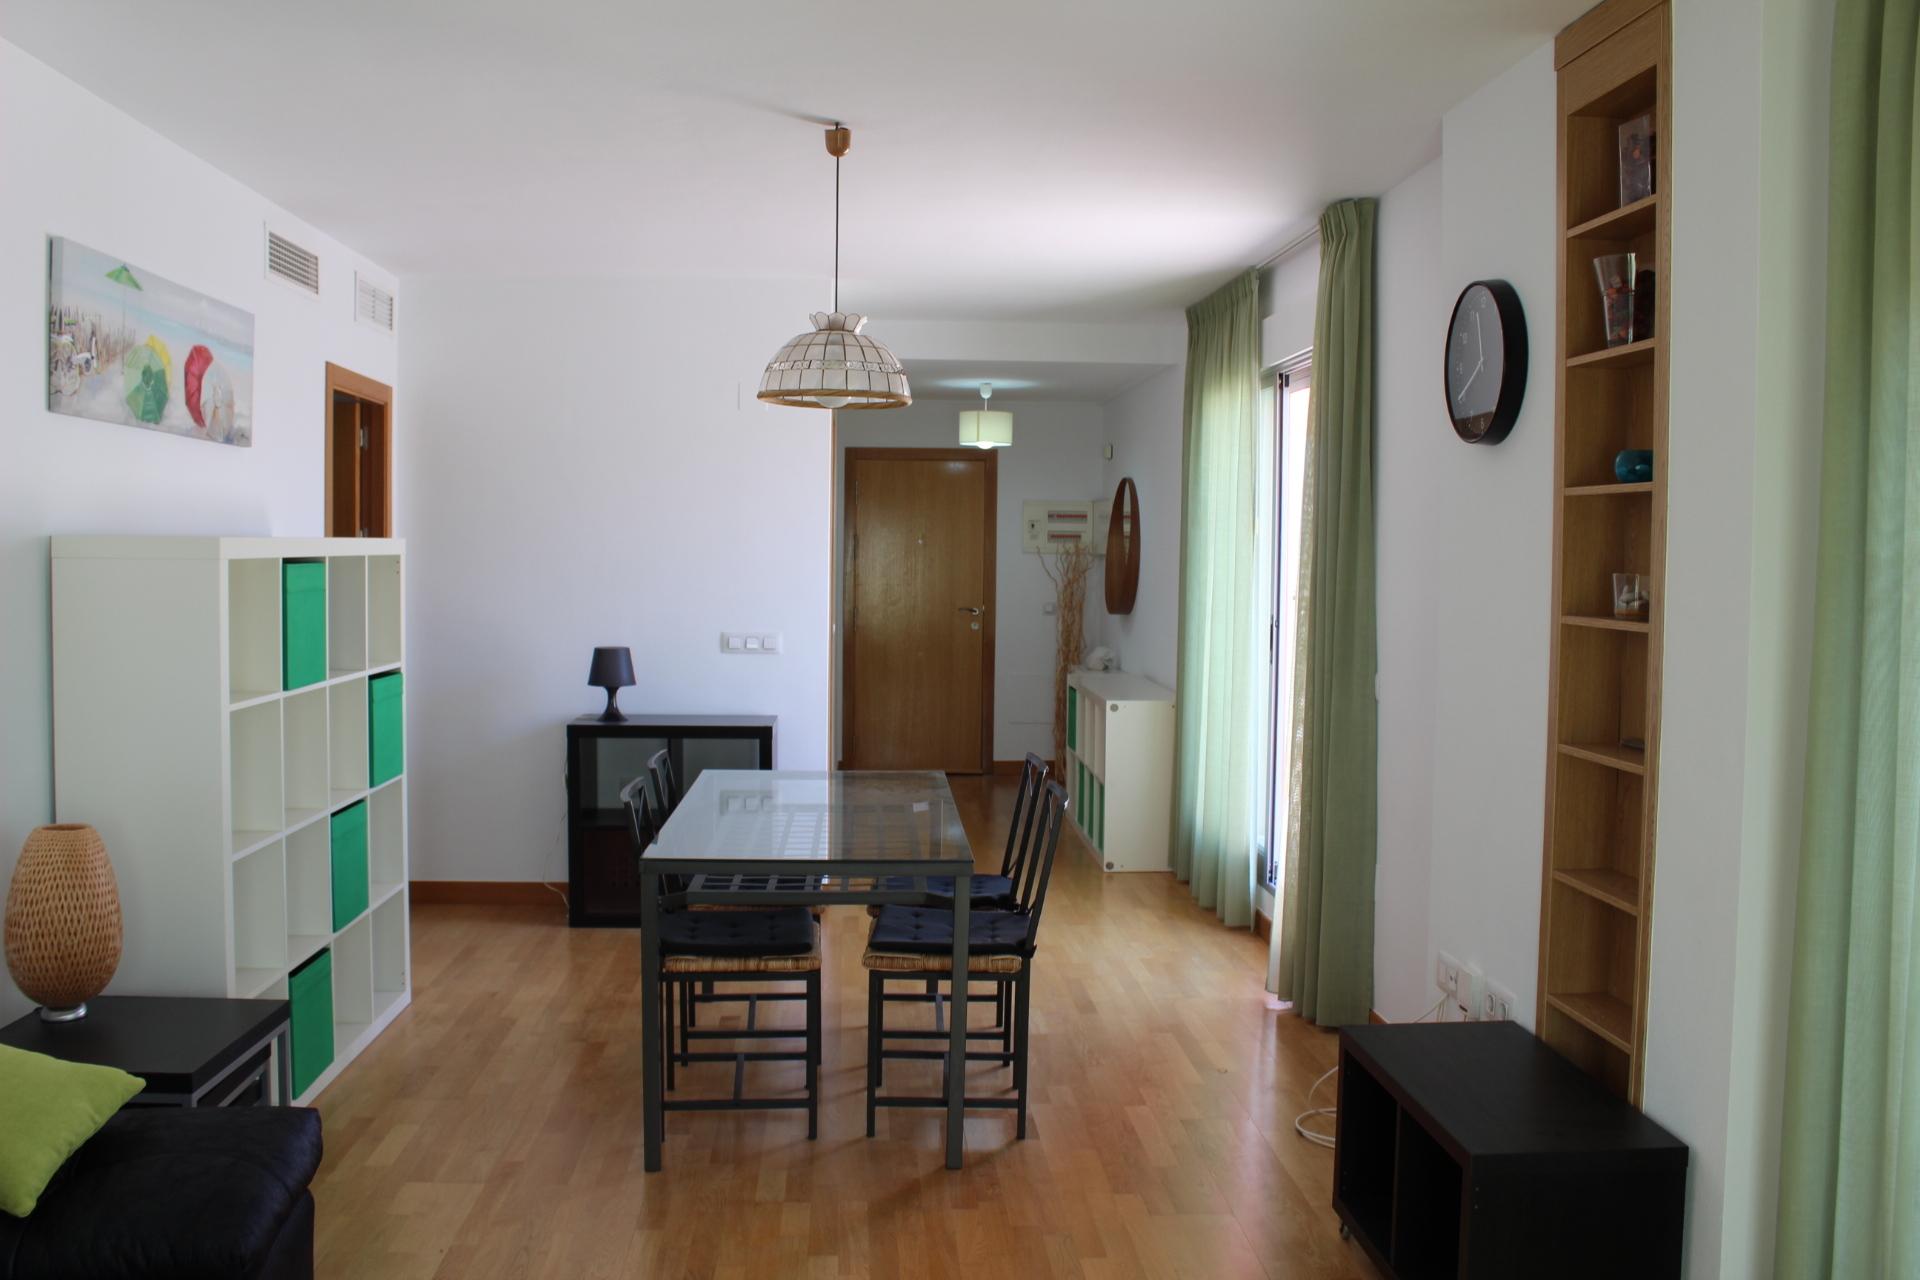 ÁTICO 2 Habitaciones, 2 Baños, Salon, Cocina, Terraza de 83m2 EN Edif. Santa  Lucía